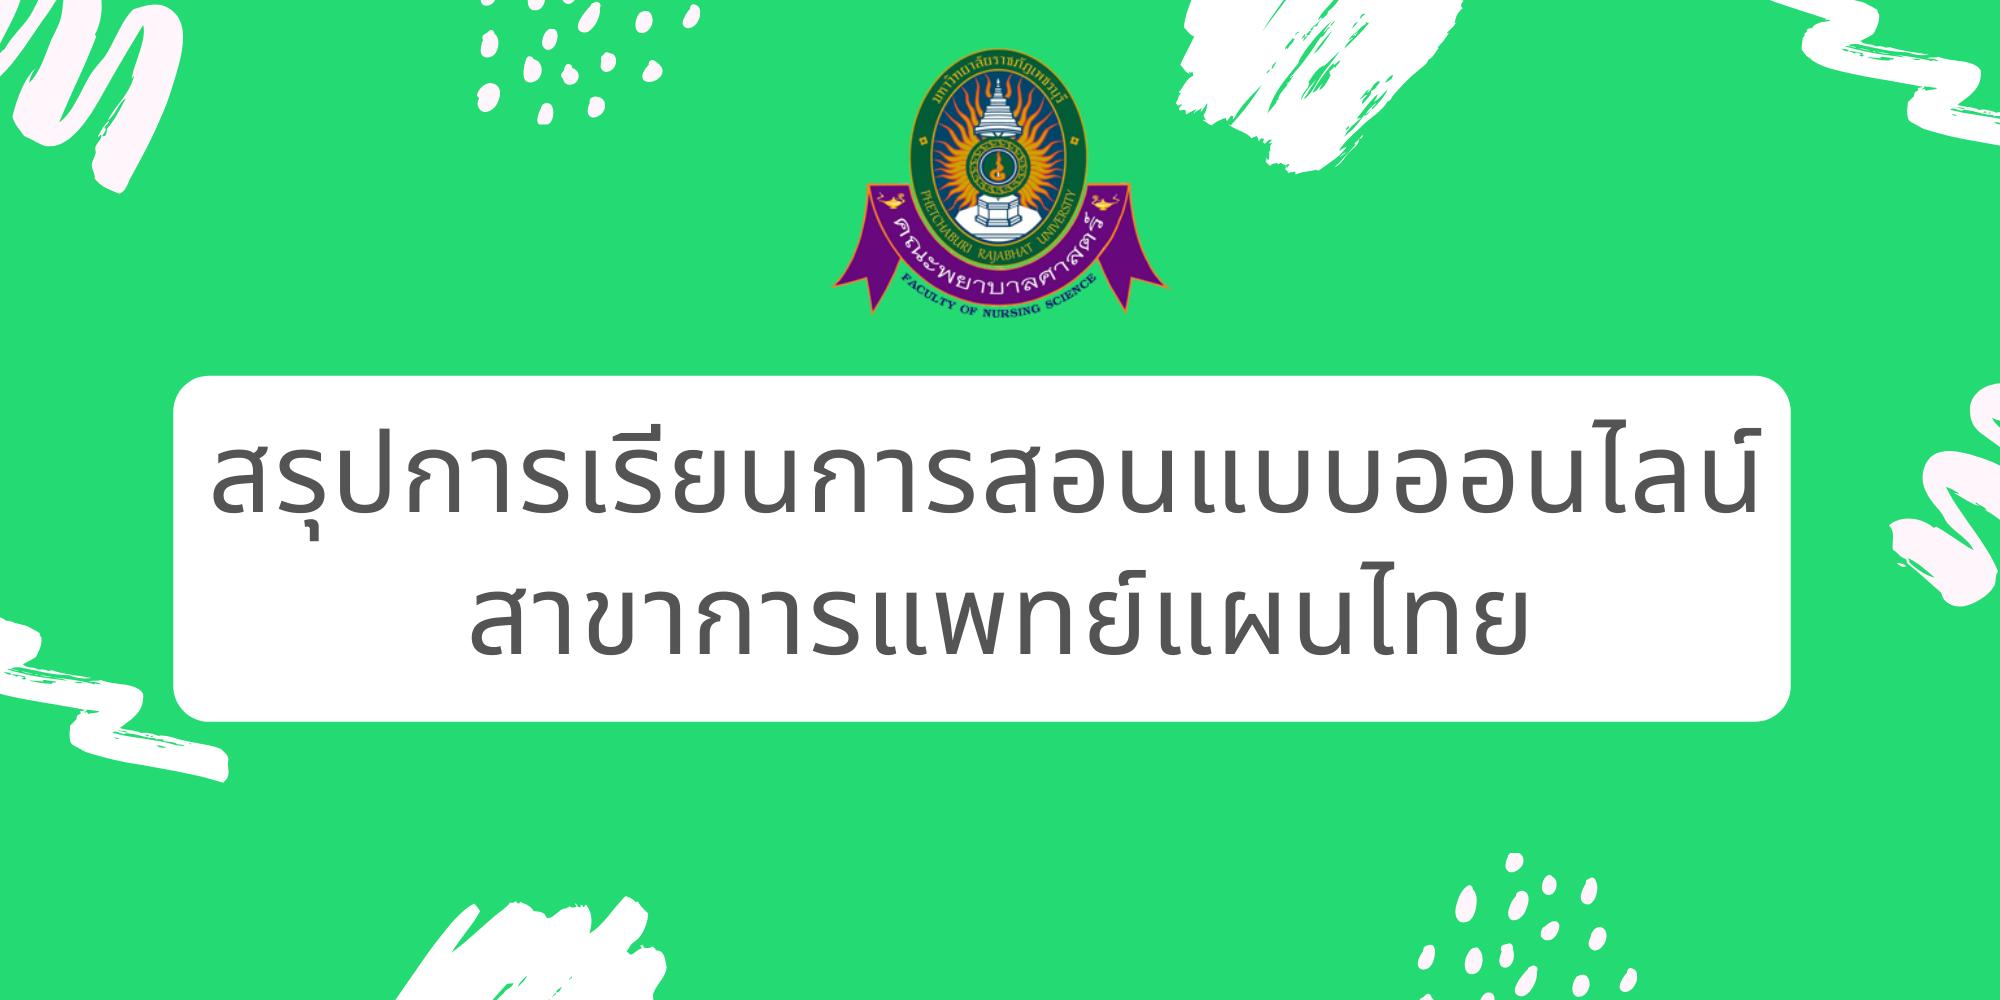 สรุปการเรียนการสอนแบบออนไลน์ สาขาการแพทย์แผนไทย